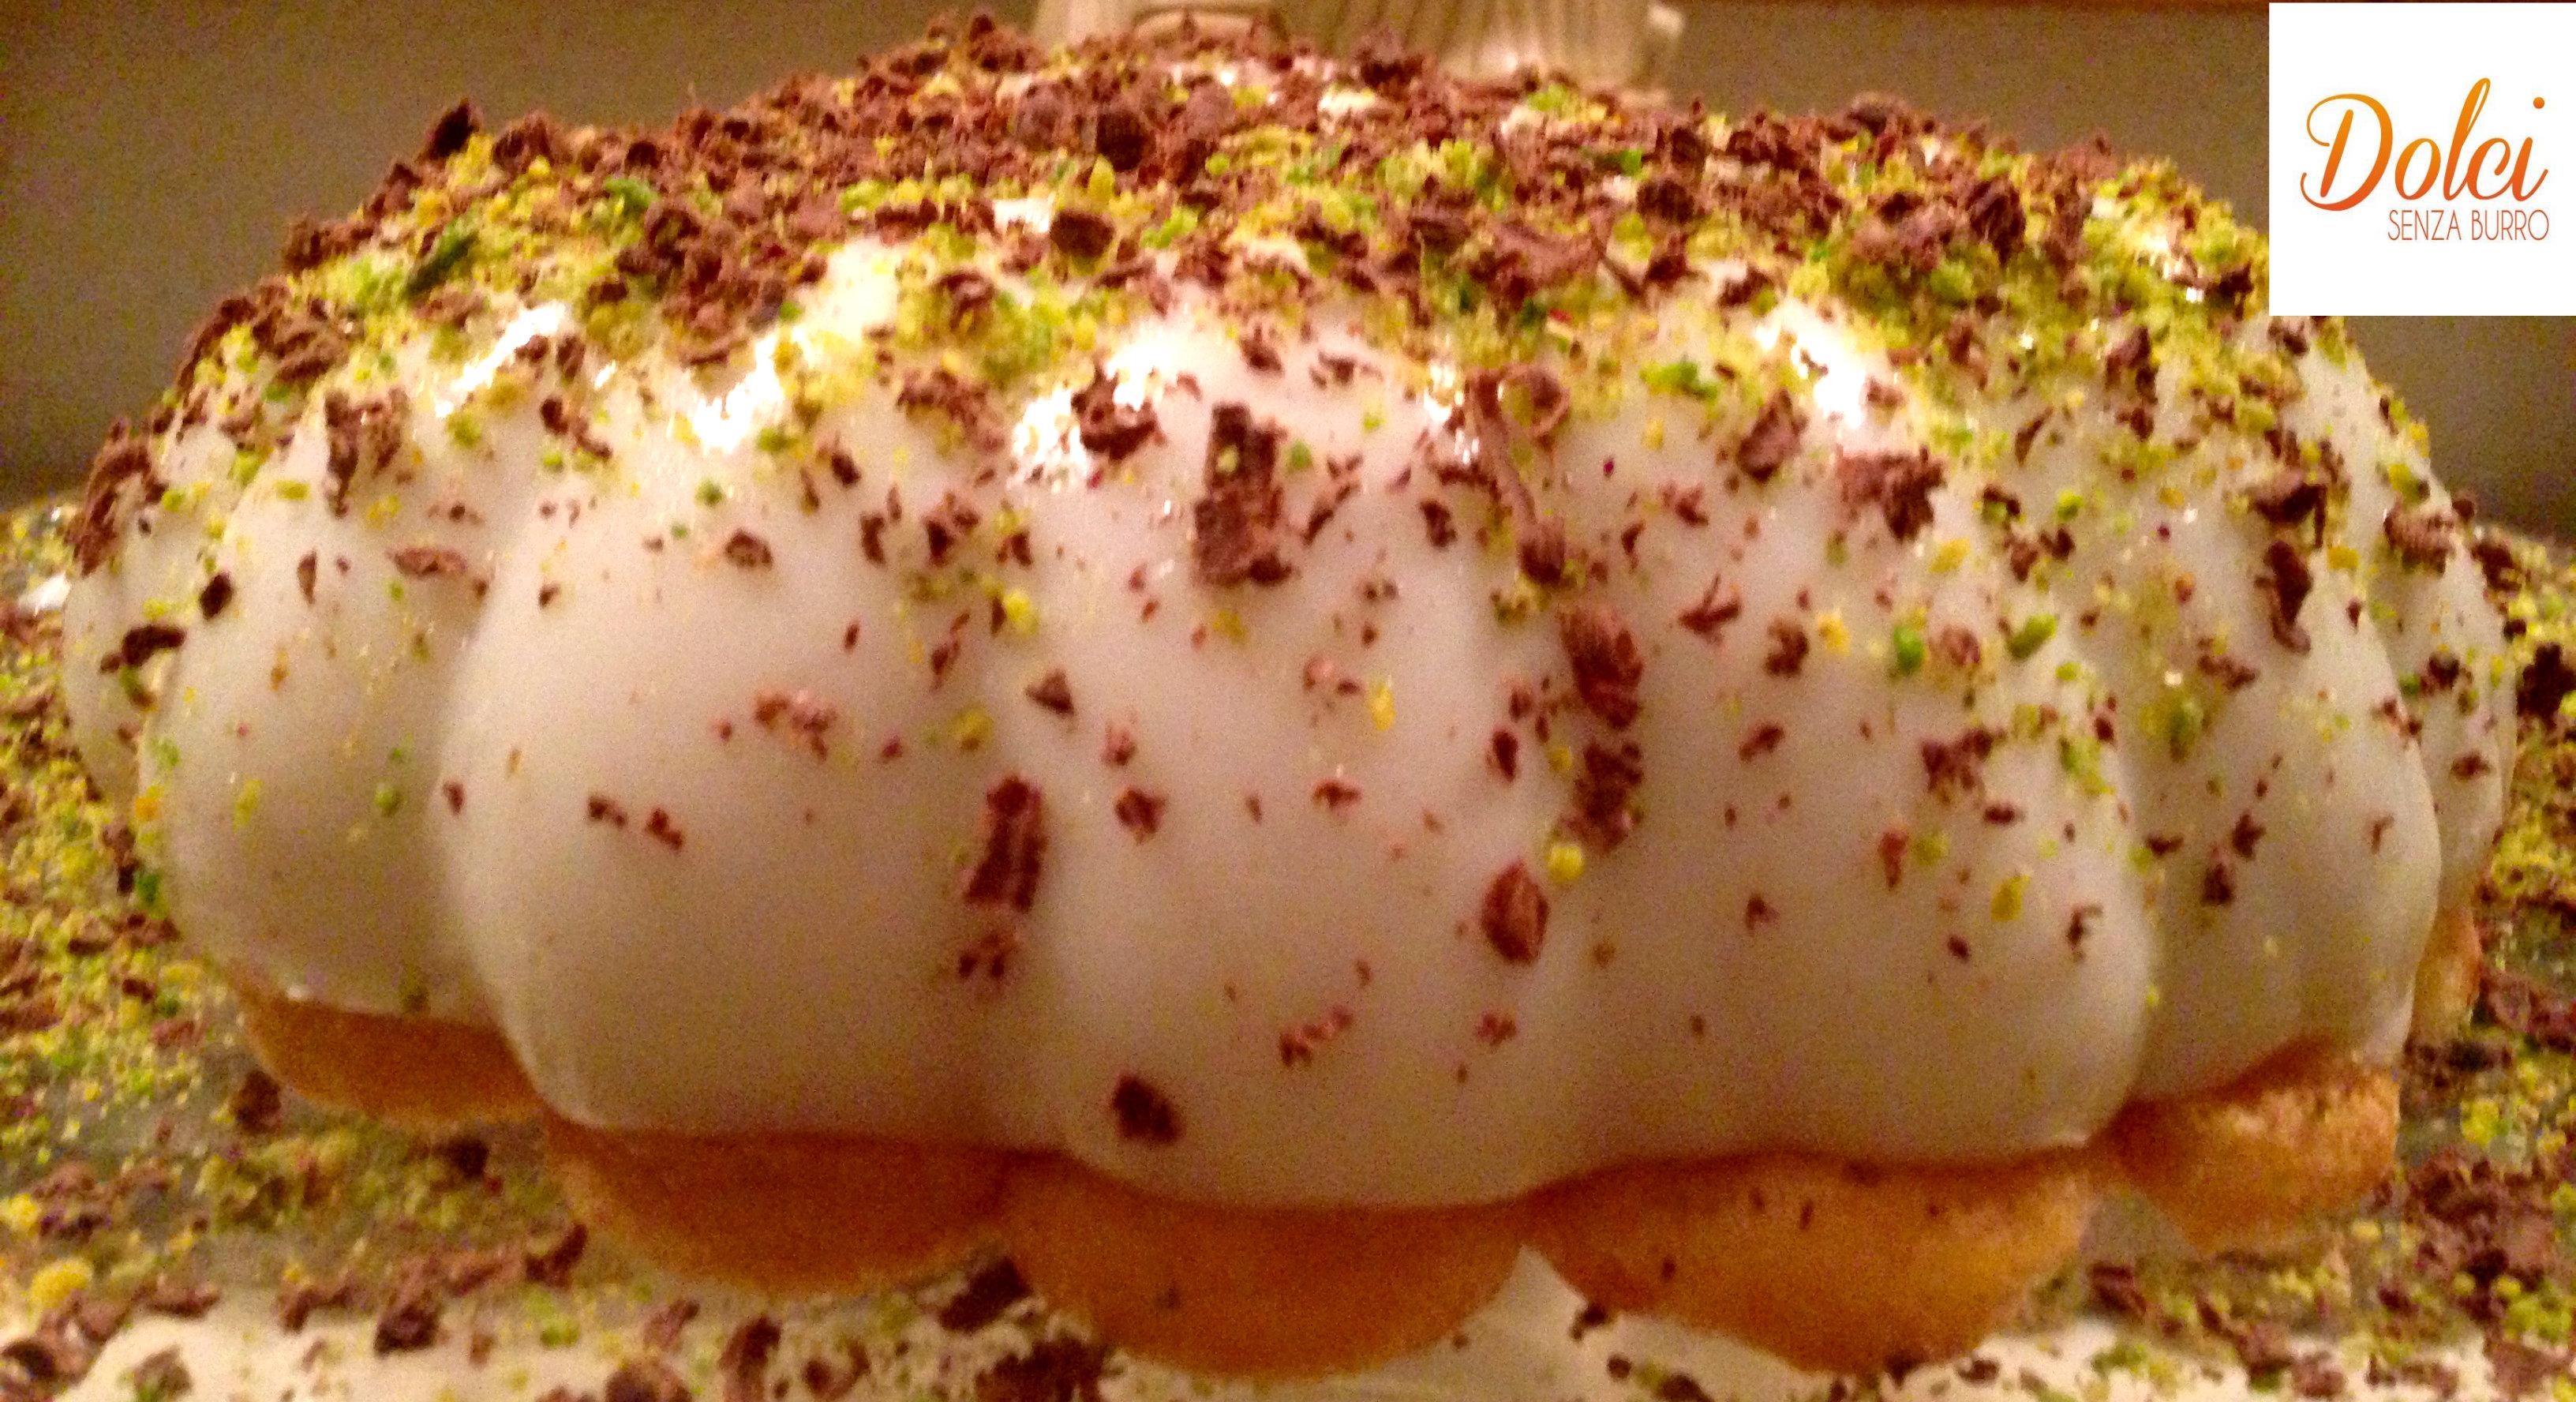 Biancomangiare, un dolce siciliano di Dolci Senza Burro